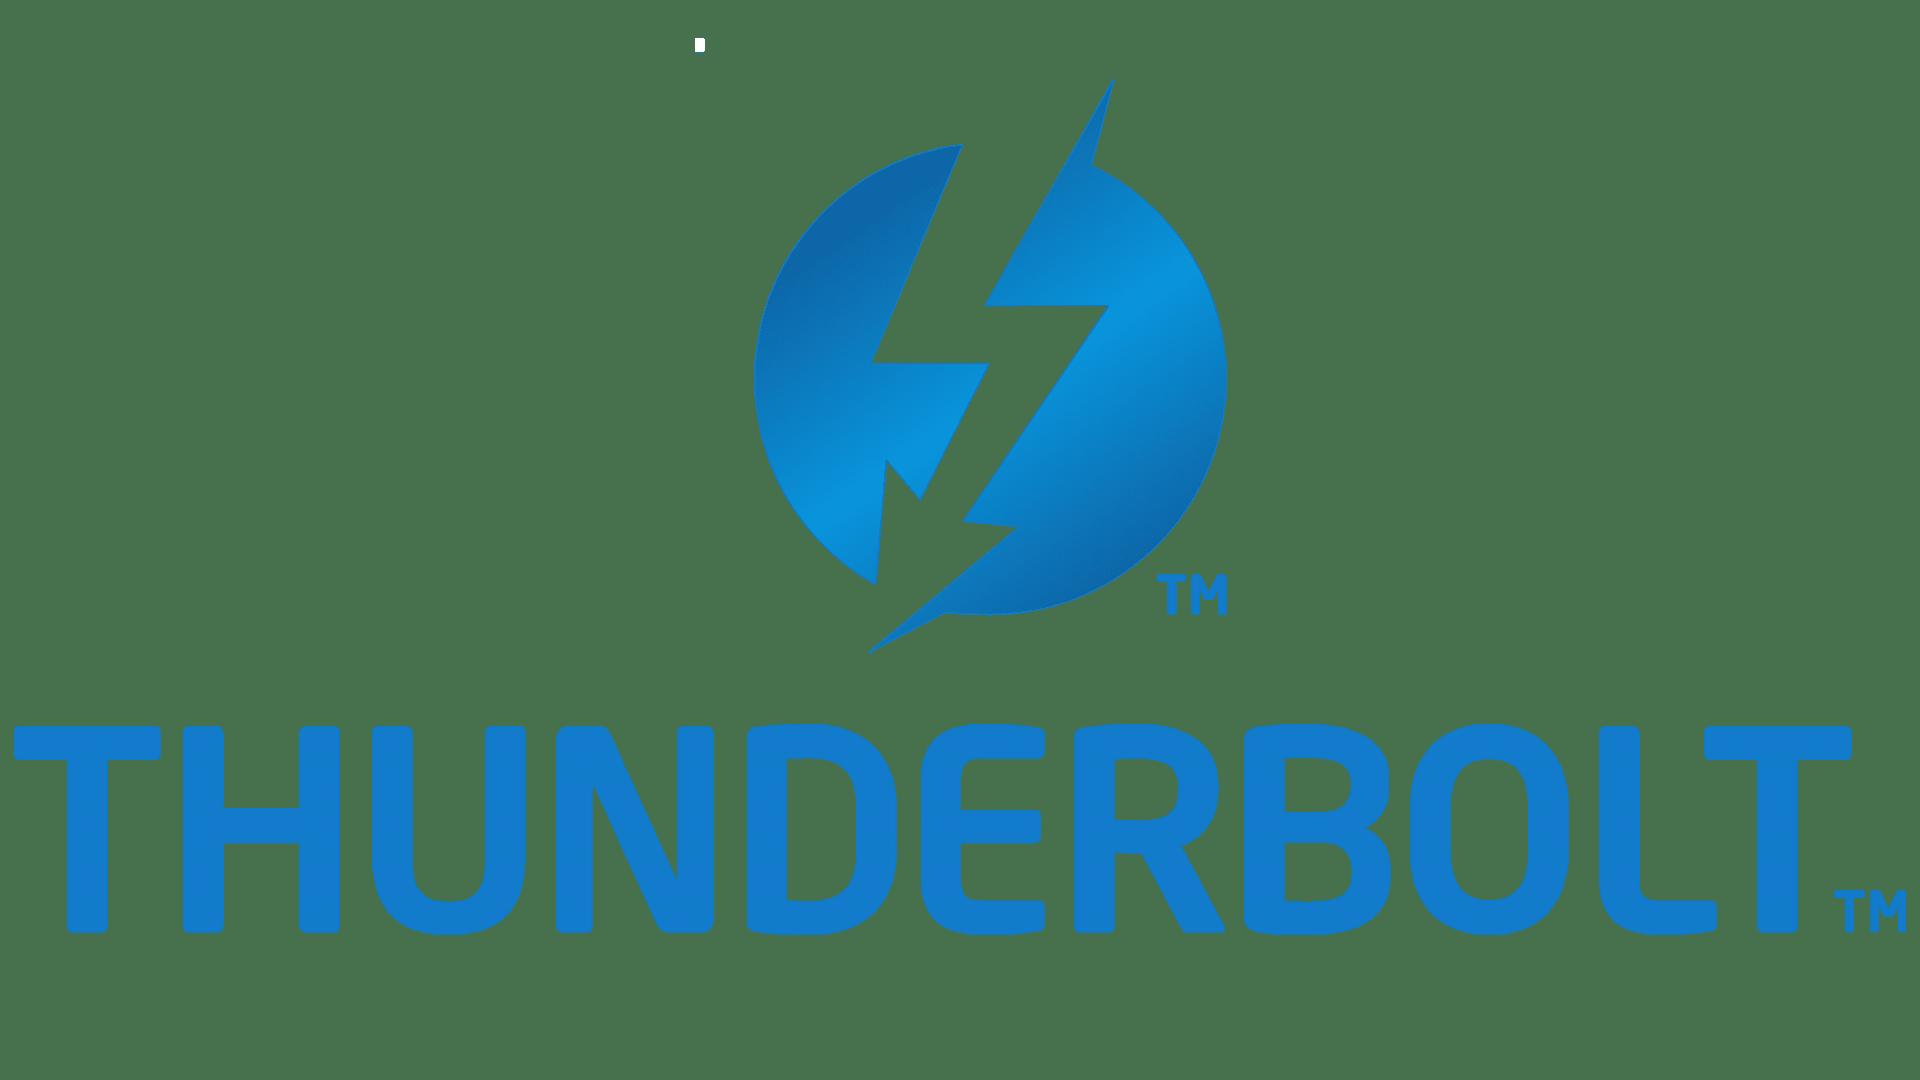 ThunderboltLogo_1920x1080